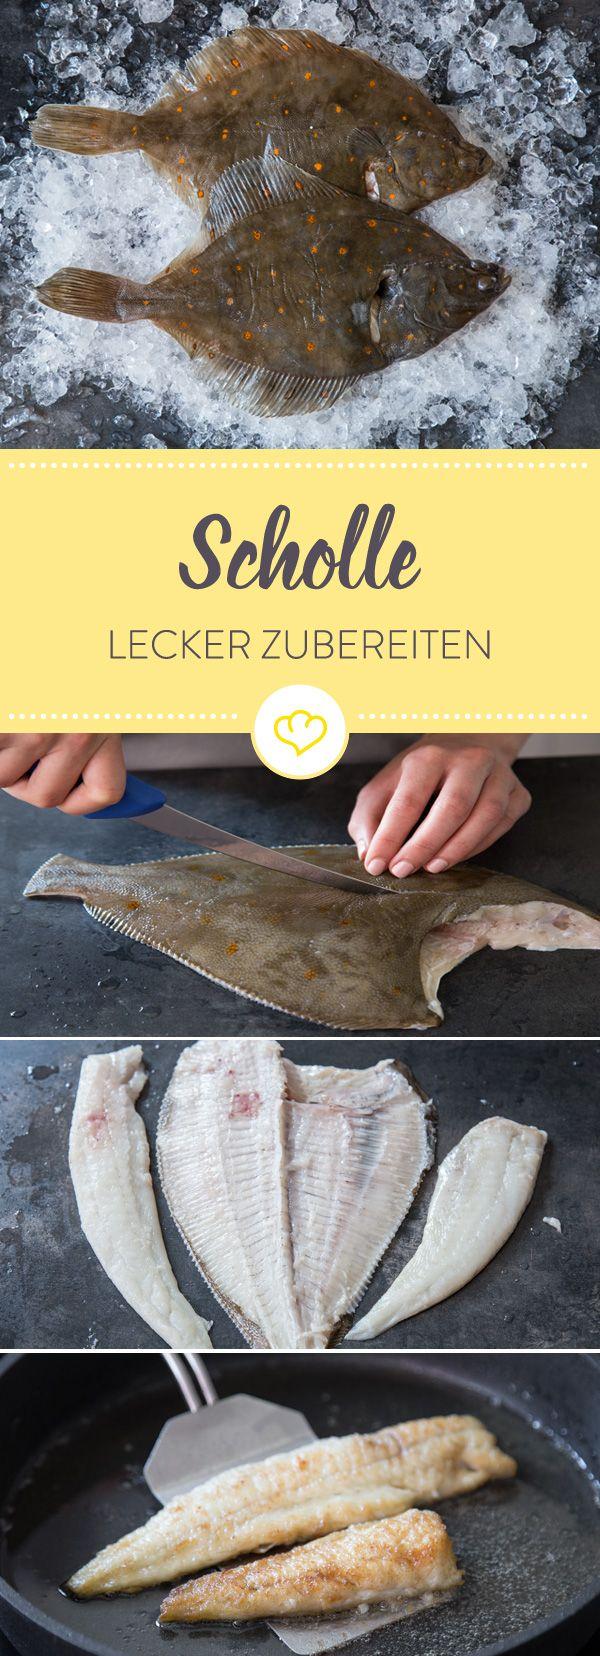 Fangfrische Scholle erinnert mich immer an Sommerurlaub: Hier erfährst du, wie du den köstlichen Plattfisch filetierst und lecker zubereitest.